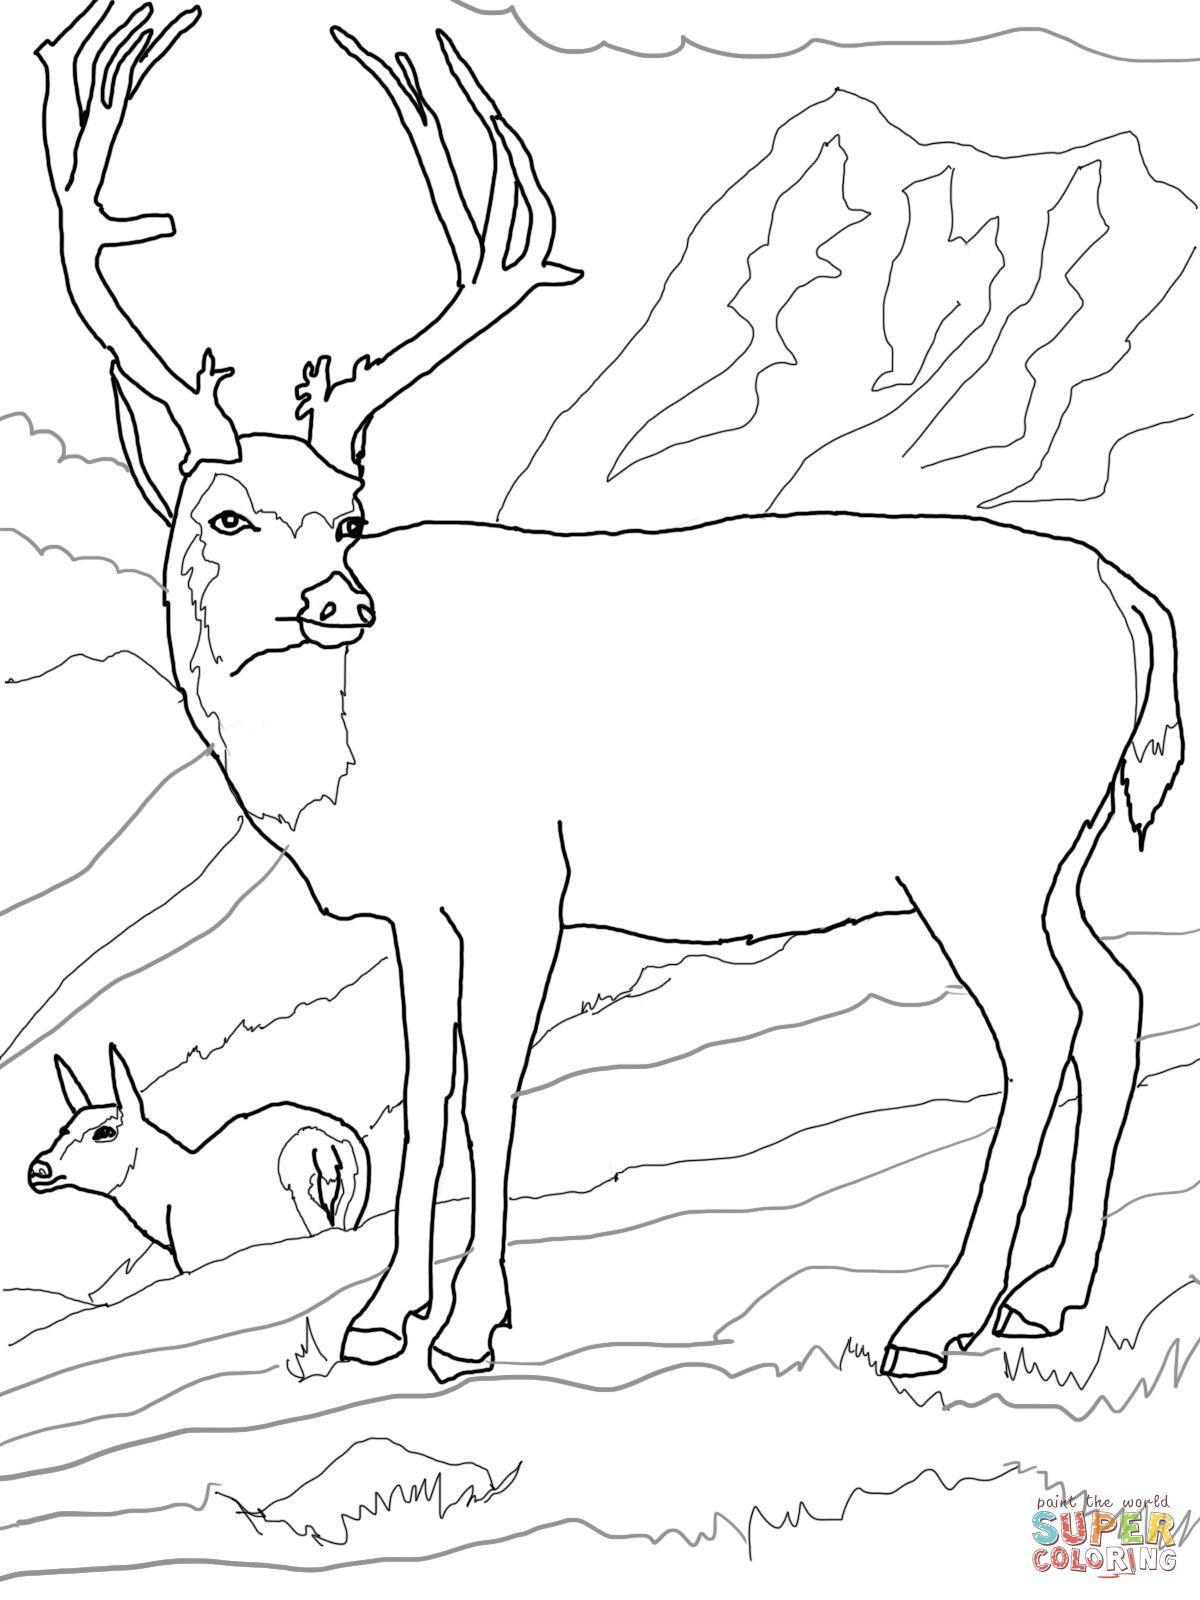 Mule Deers Family Coloring Page Deer Coloring Pages Family Coloring Pages Coloring Pages